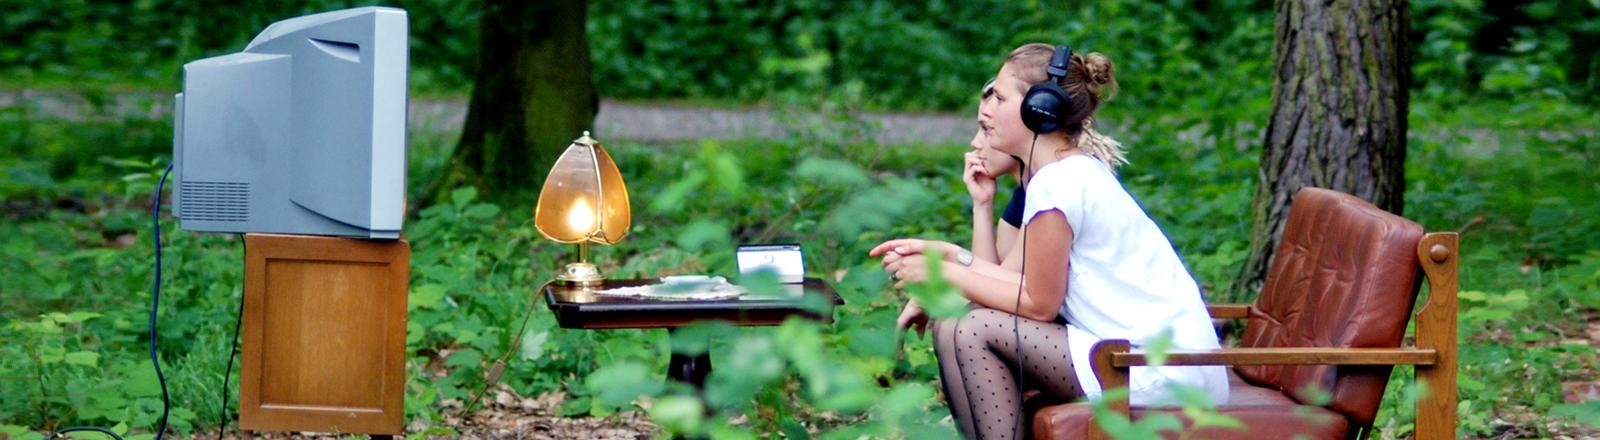 Zwei Frauen sitzen im Wald vor einem Fernseher und schauen in die Röhre.